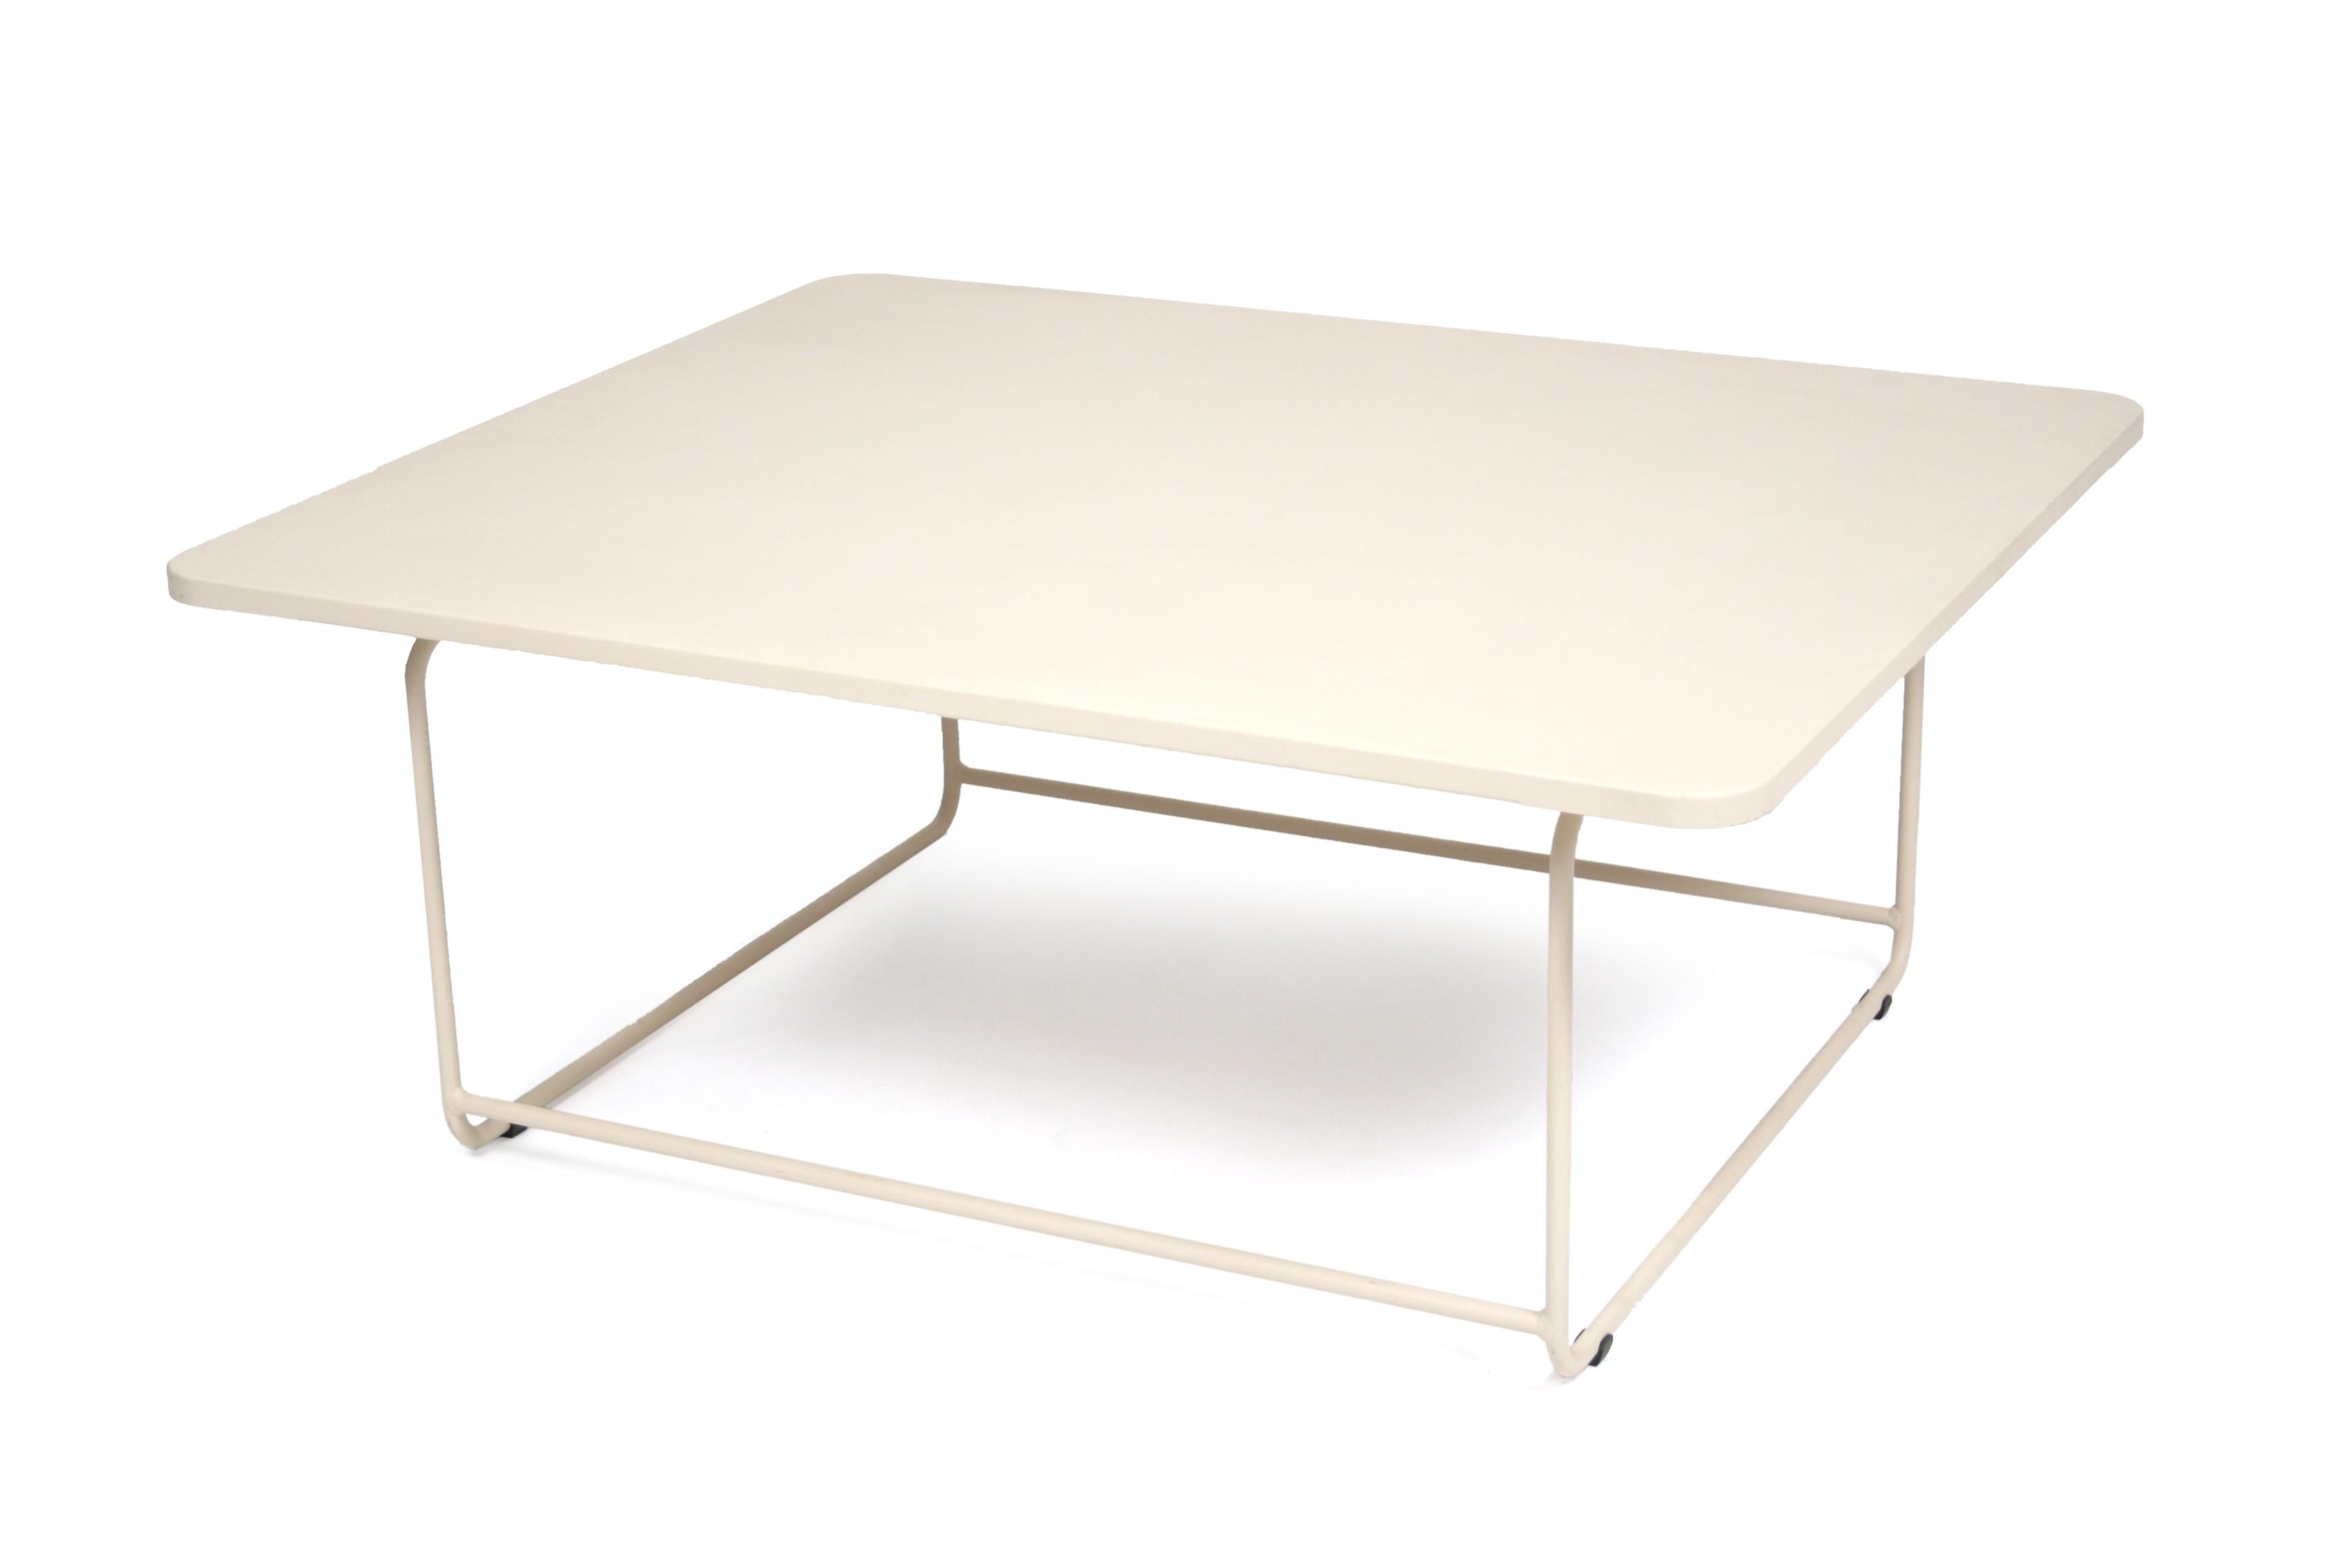 table basse ellipse de fermob lin. Black Bedroom Furniture Sets. Home Design Ideas